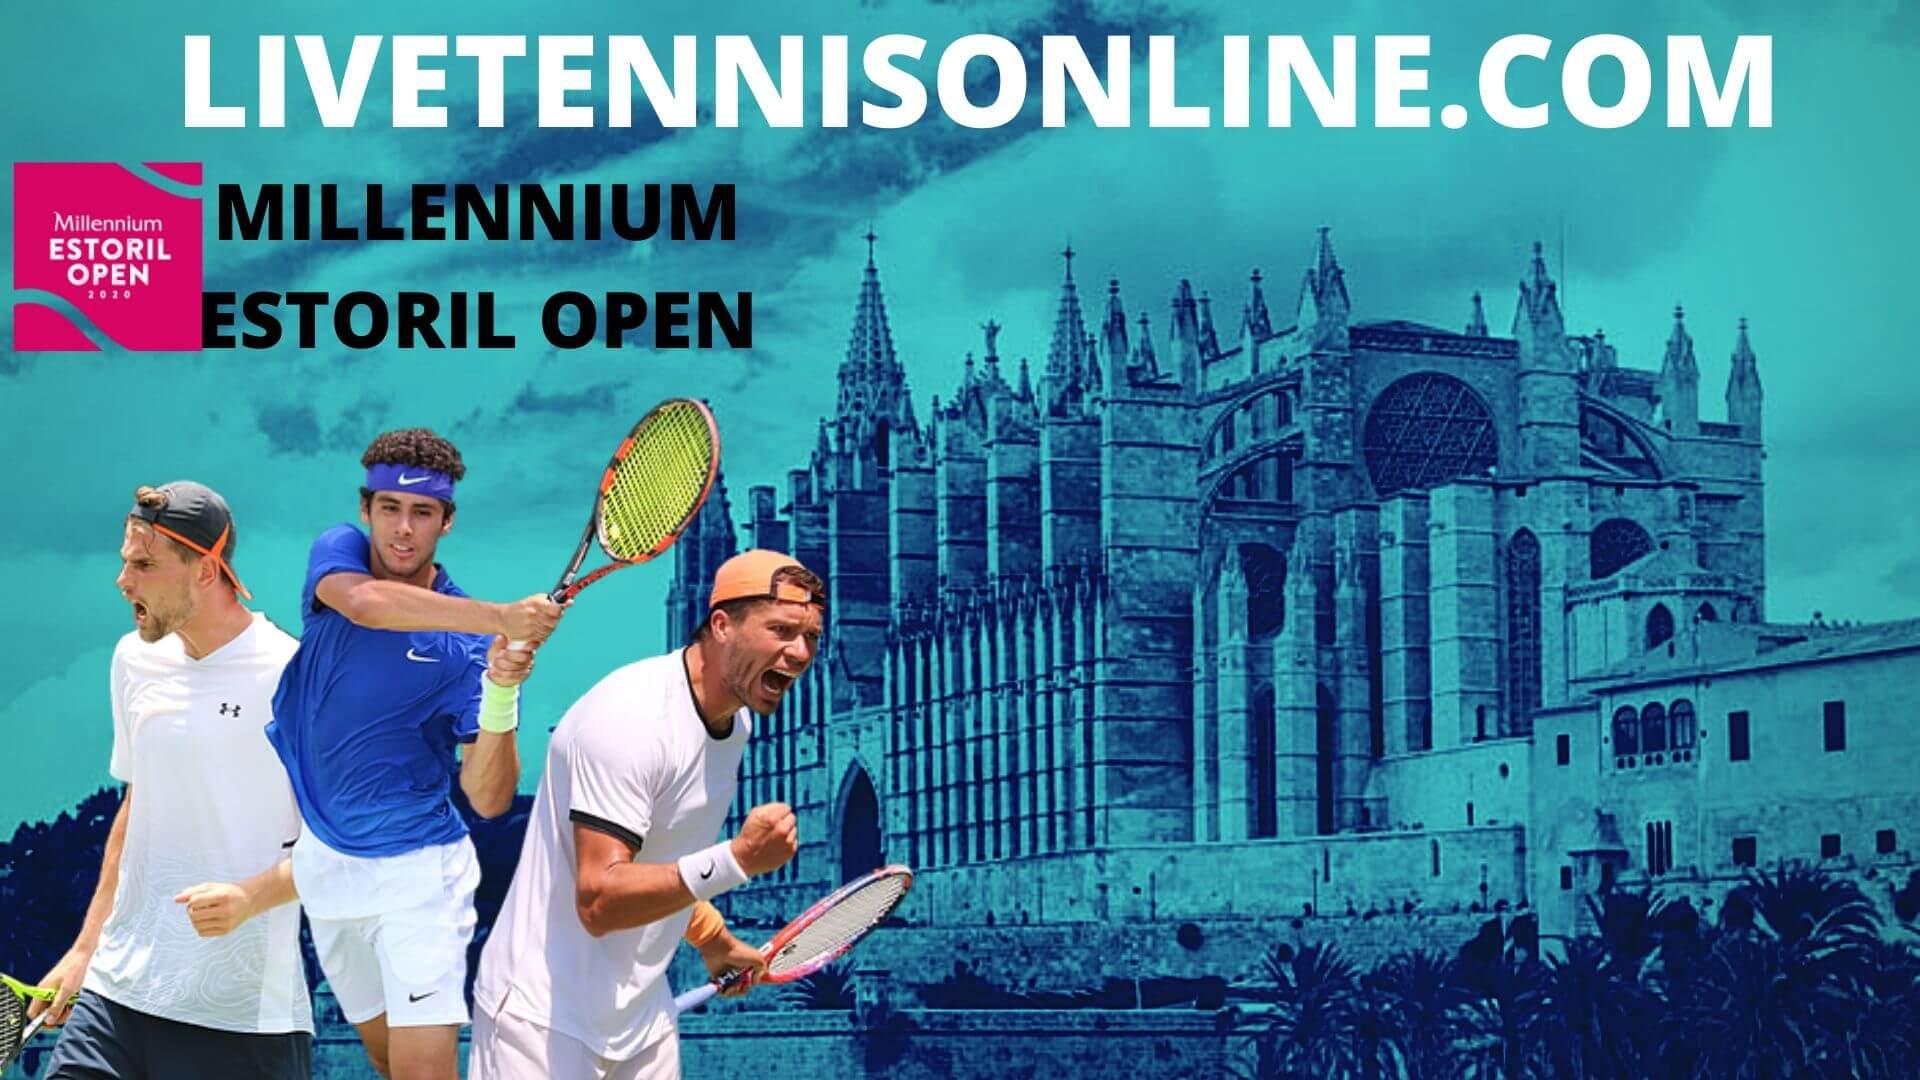 Millennium Estoril Open Live Stream 2020 | ATP Day 1